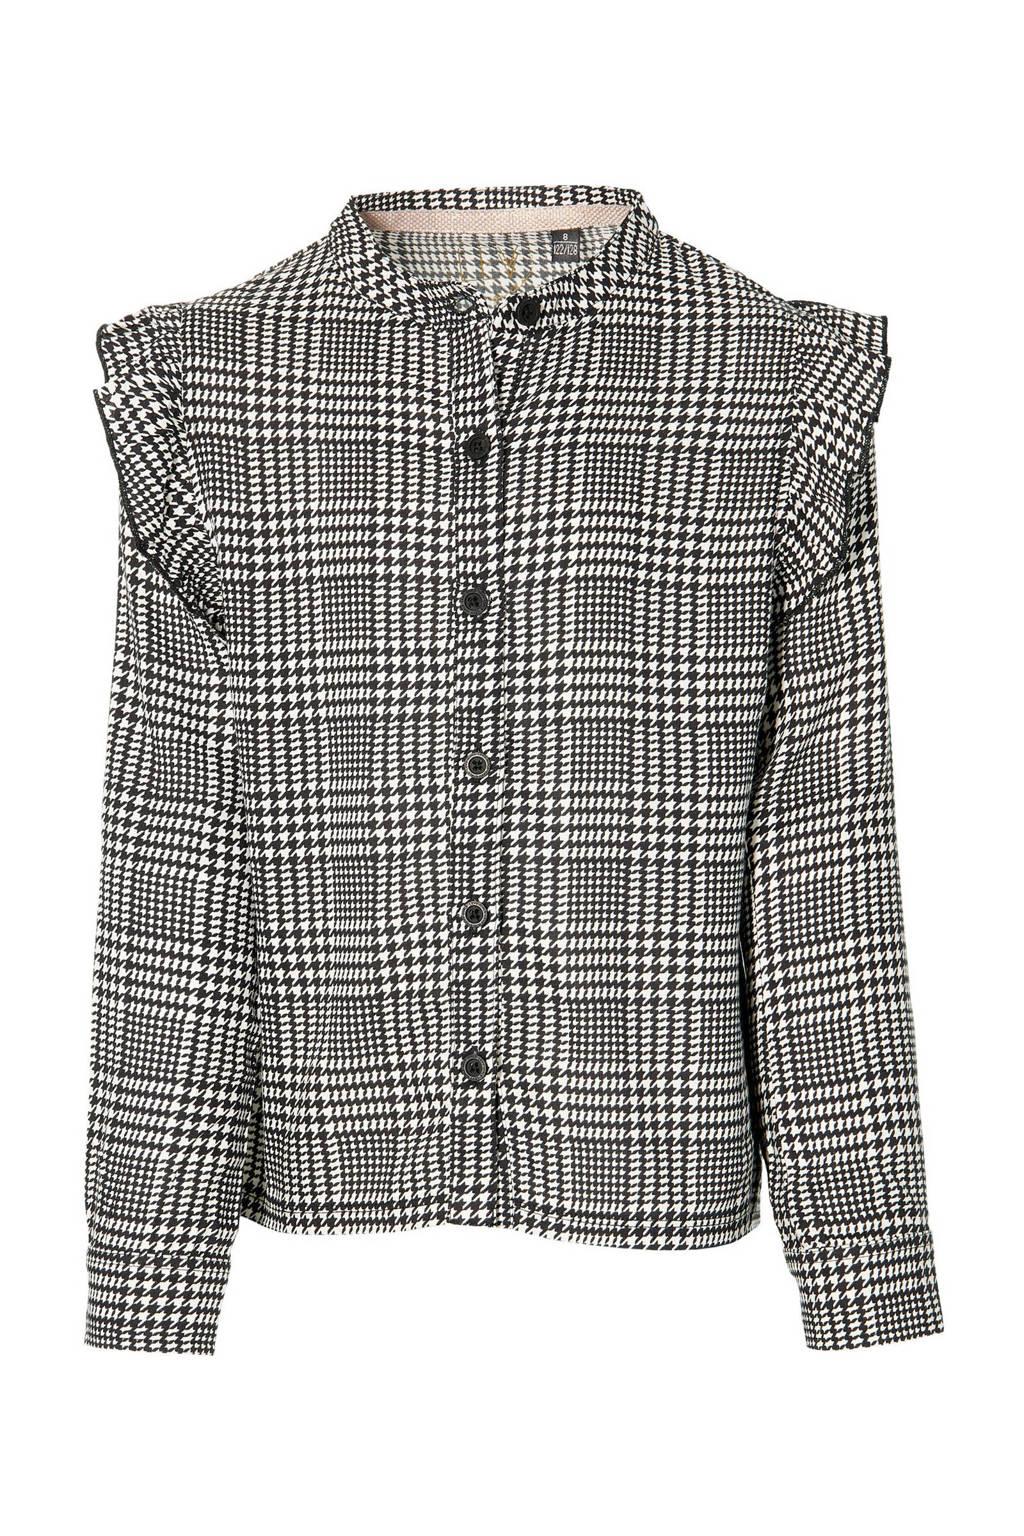 LEVV Girls geruite blouse Katrin zwart/wit, Zwart/wit